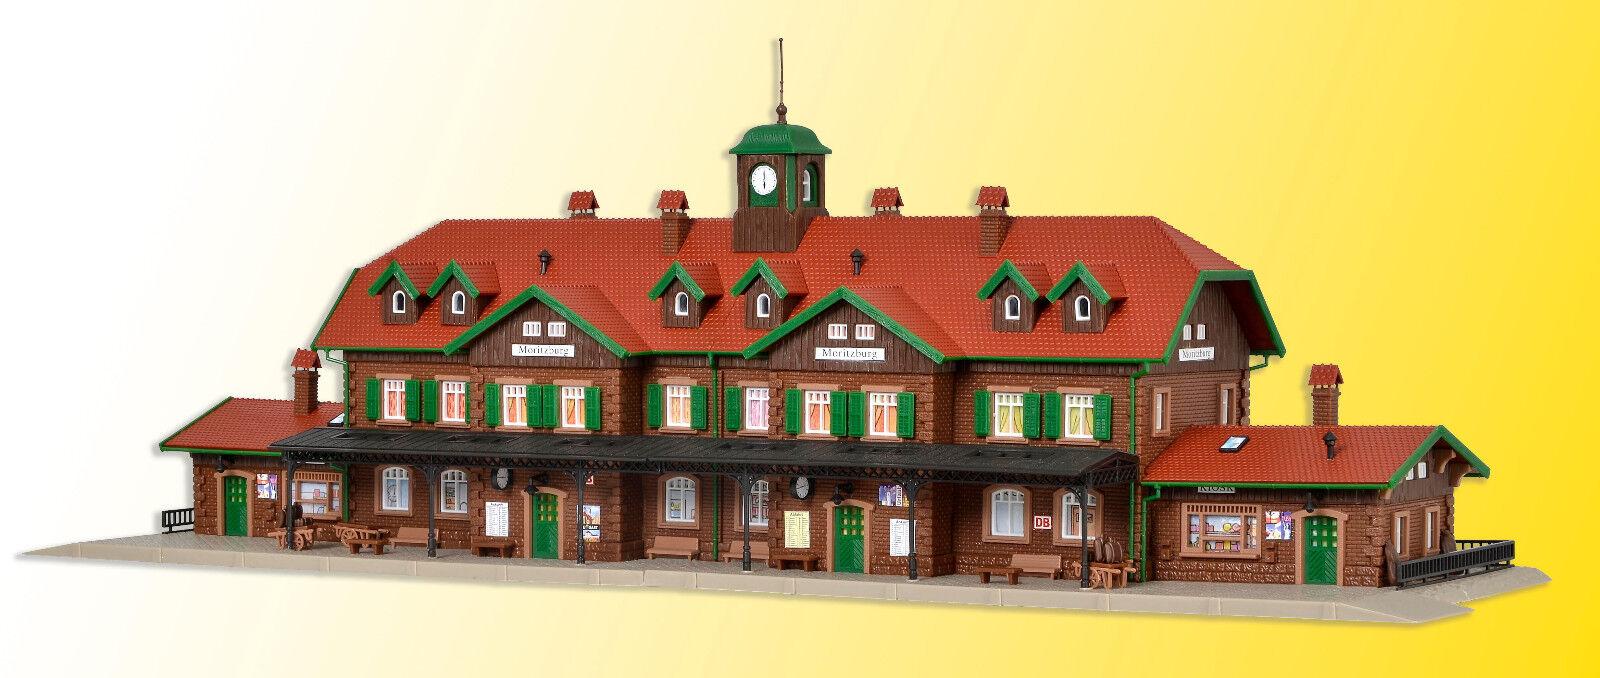 VOLLMER 47502 Spur N, stazione ferroviaria moritzbug  neu in OVP